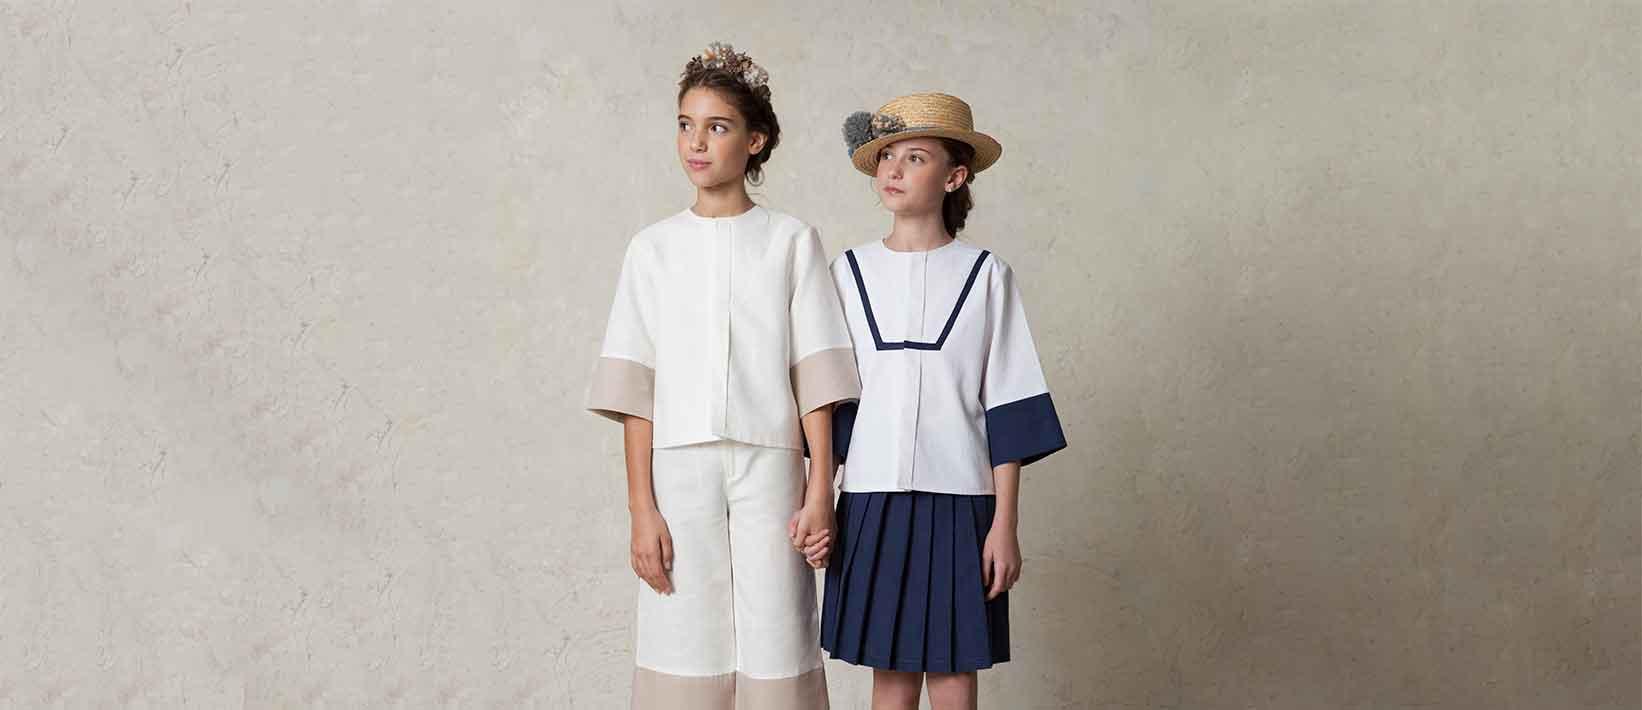 Cómo vestir a tu hija de primera comunión si no quiere vestido